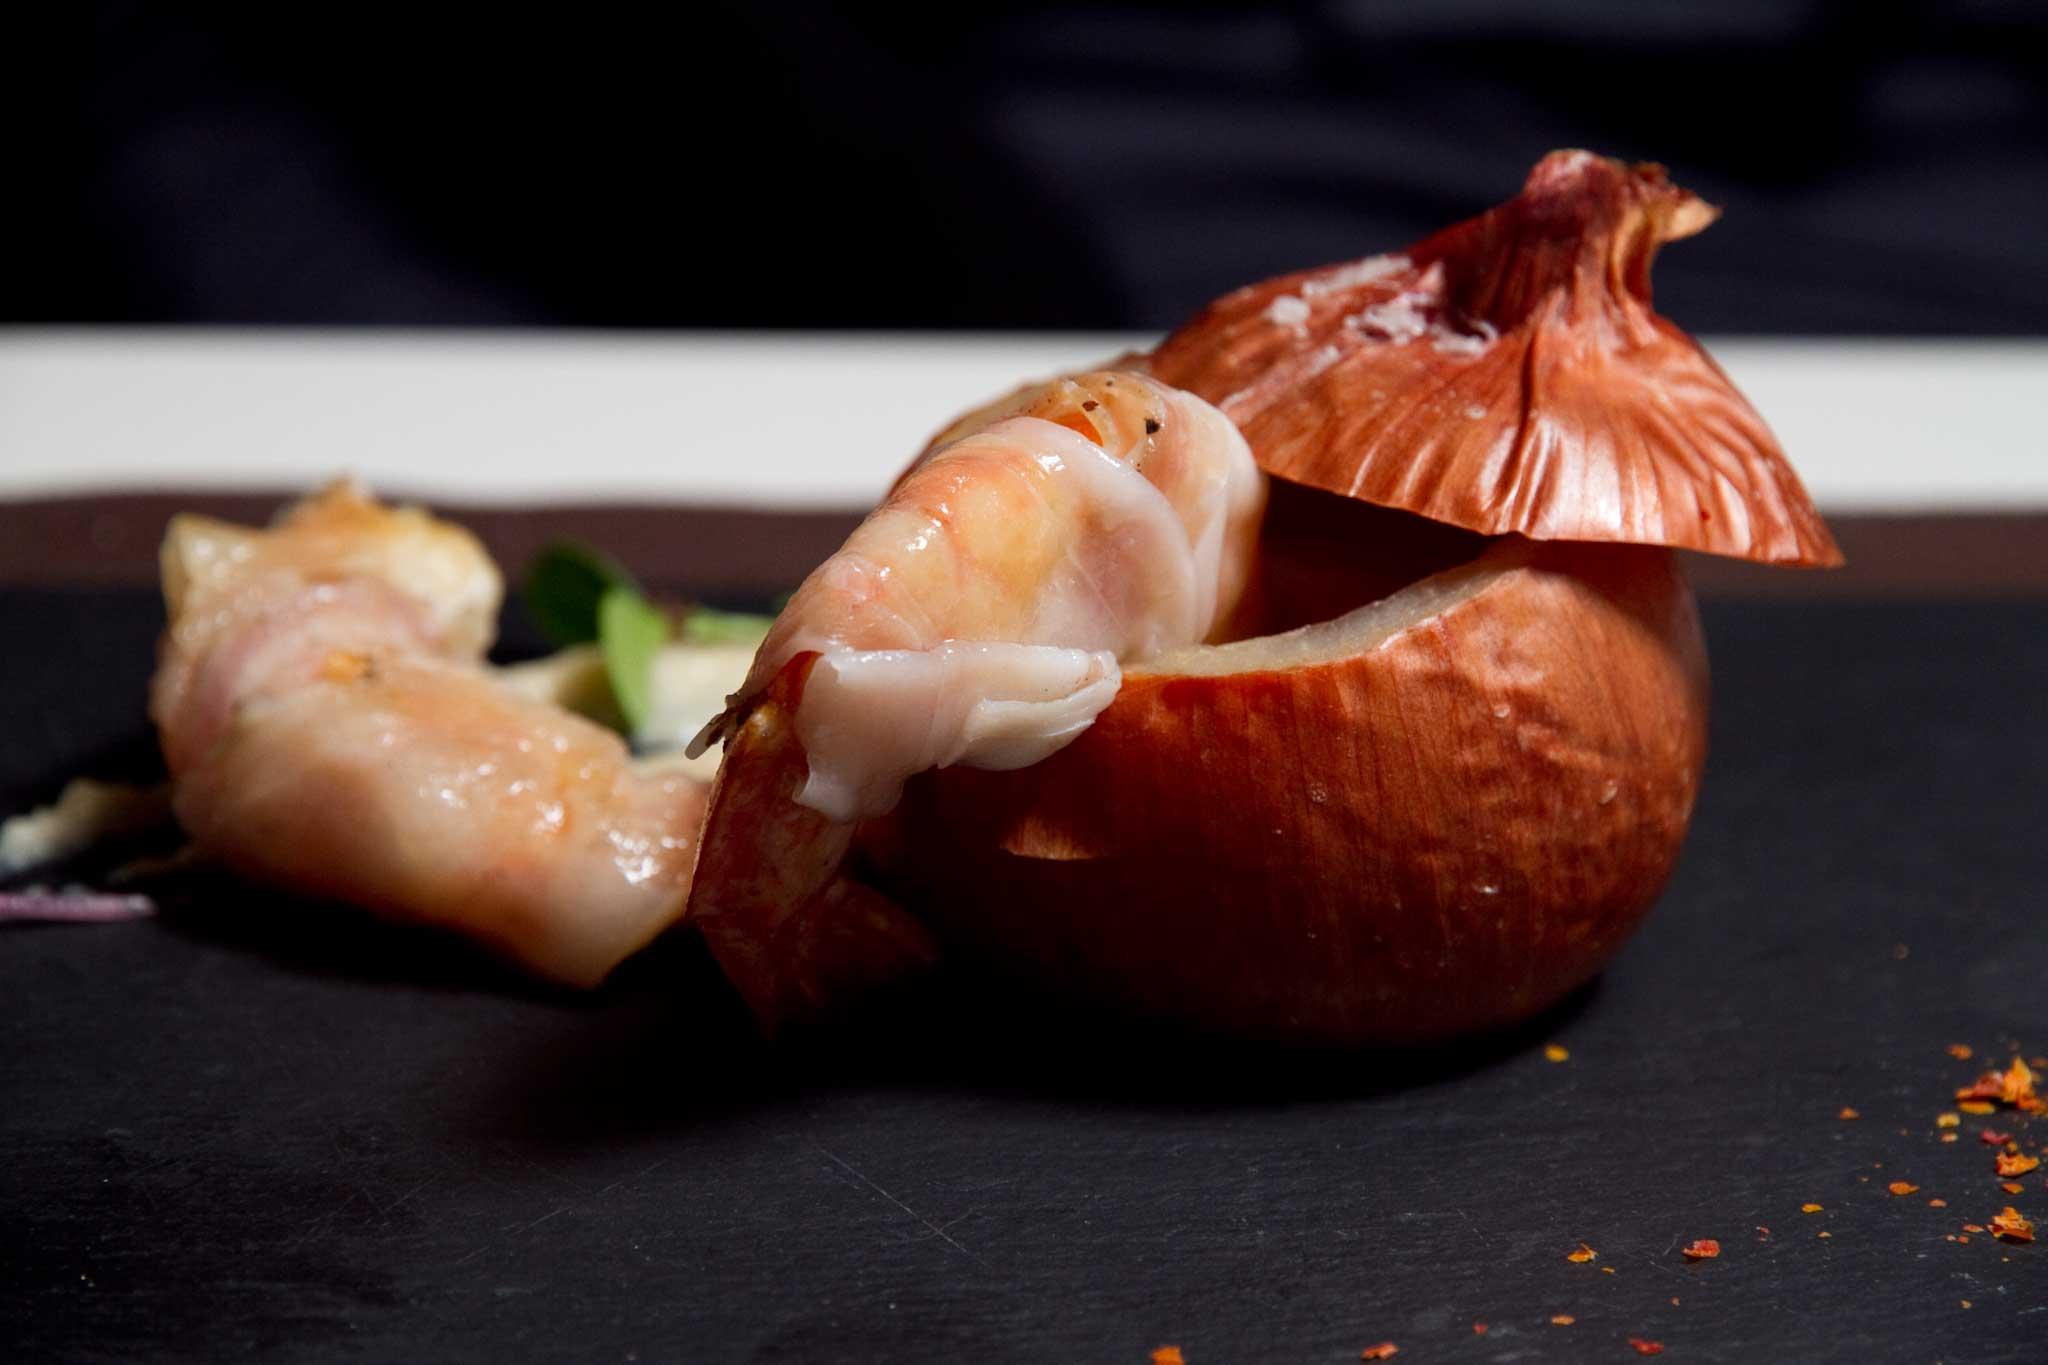 Salotto Culinario Ristorante.Salotto Culinario Il Ristorante Che Non C E Nella Guida